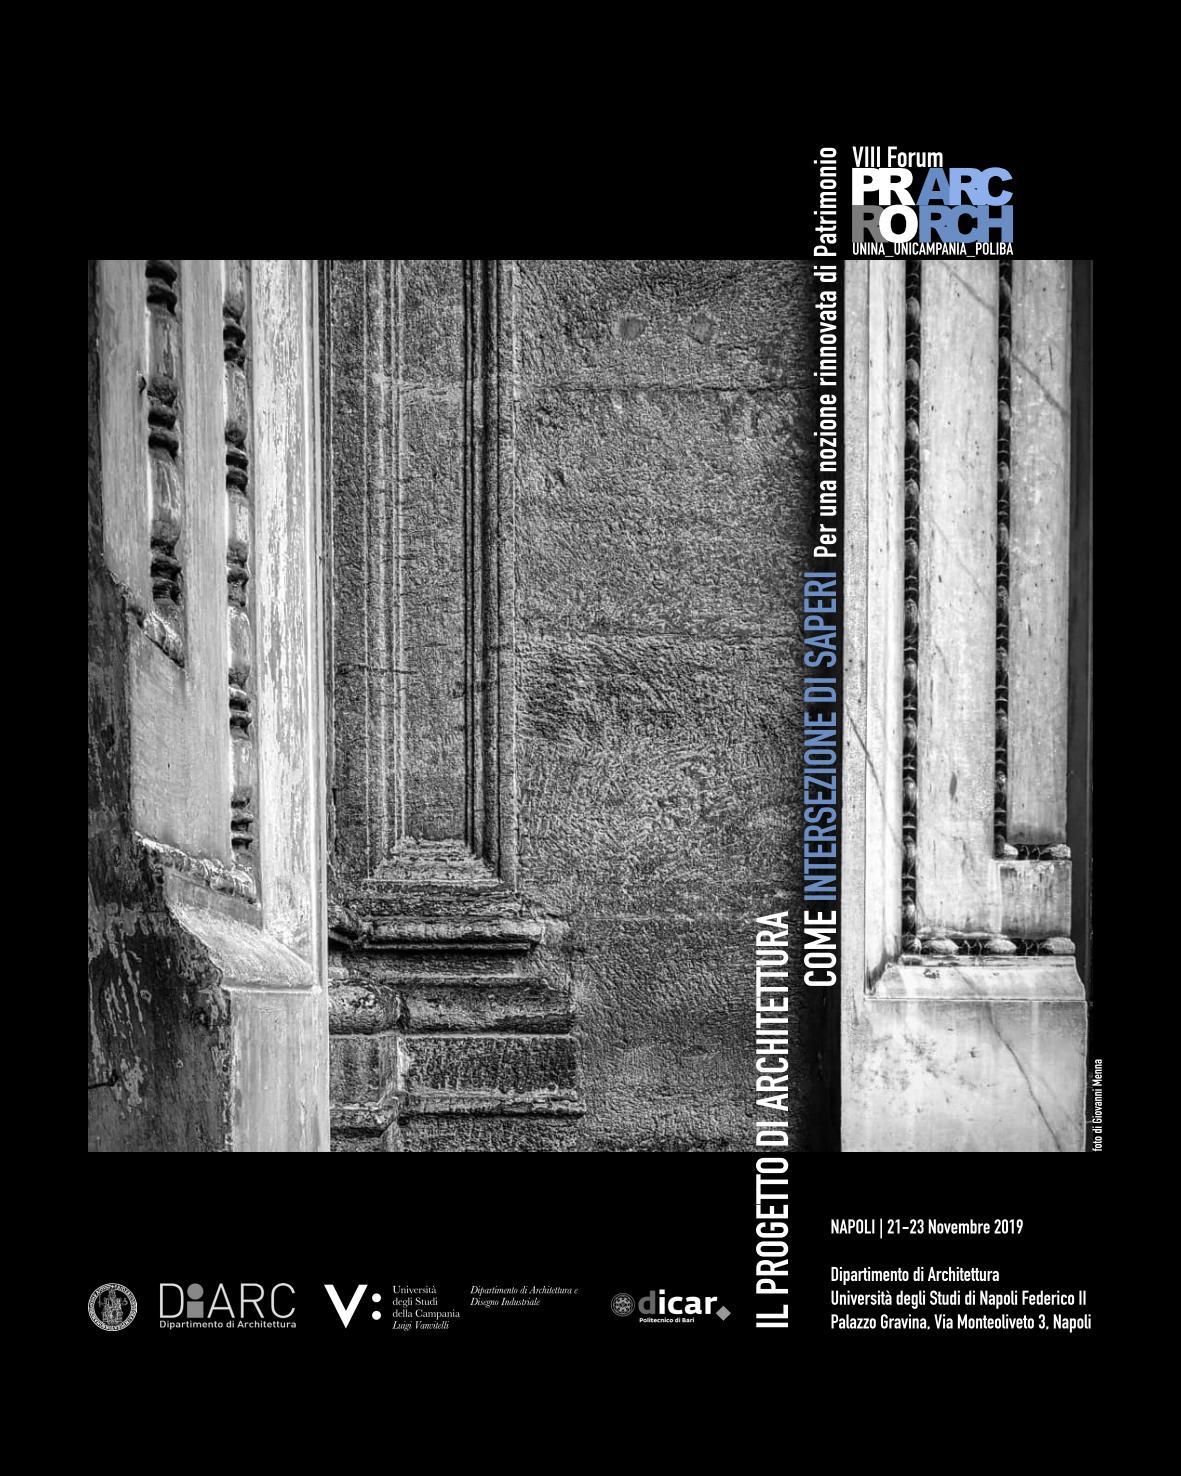 IL PROGETTO DI ARCHITETTURA COME INTERSEZIONE DI SAPERI